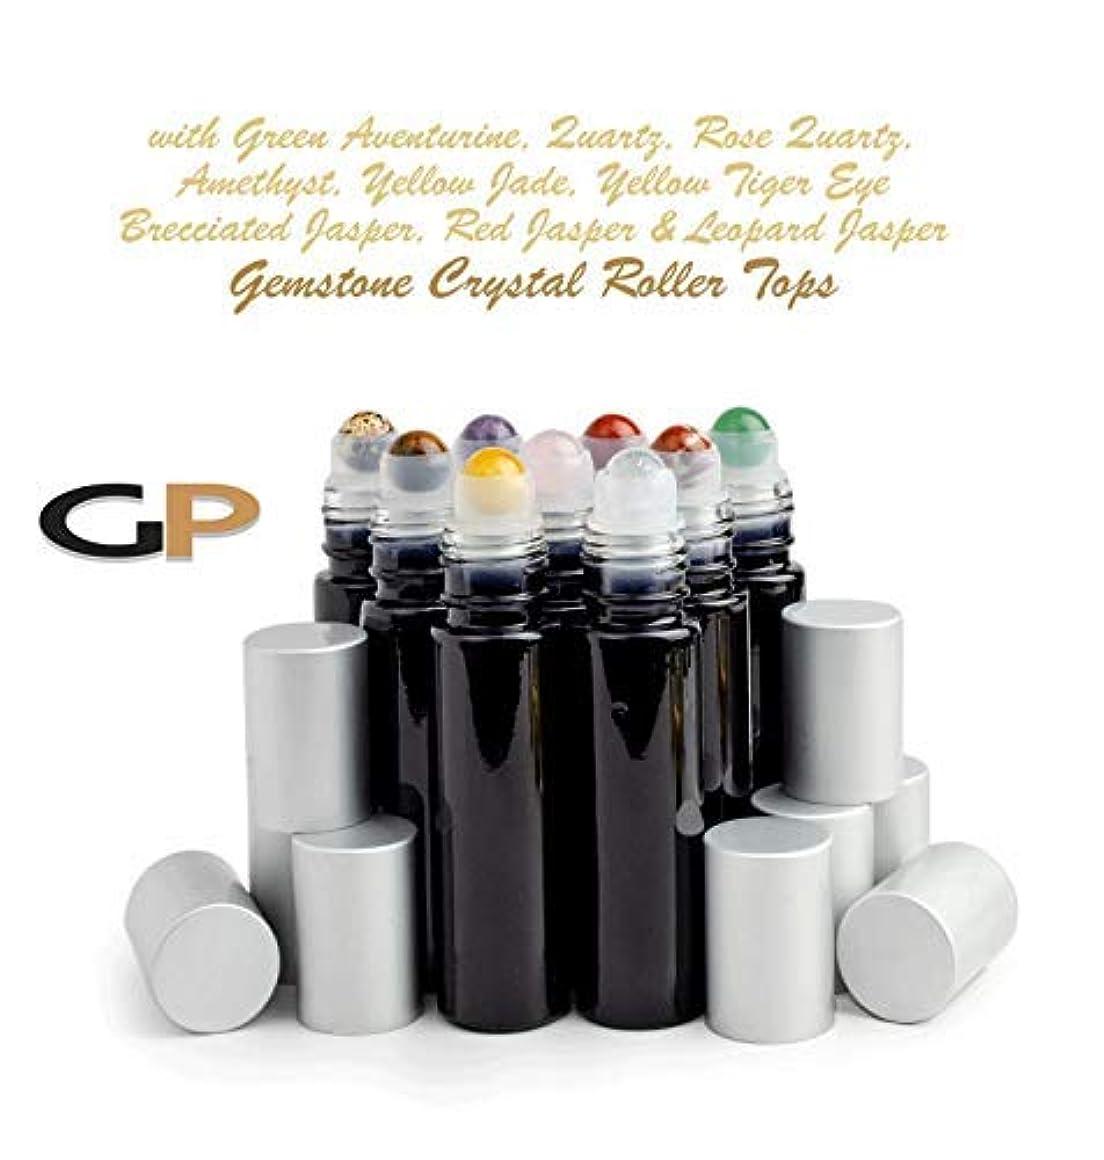 トランクインシュレータ胚Grand Parfums 9 Gemstone Crystal Roller Tops in 10ml Shny Black Glass Bottles, with Matte Silver Caps for Essential...